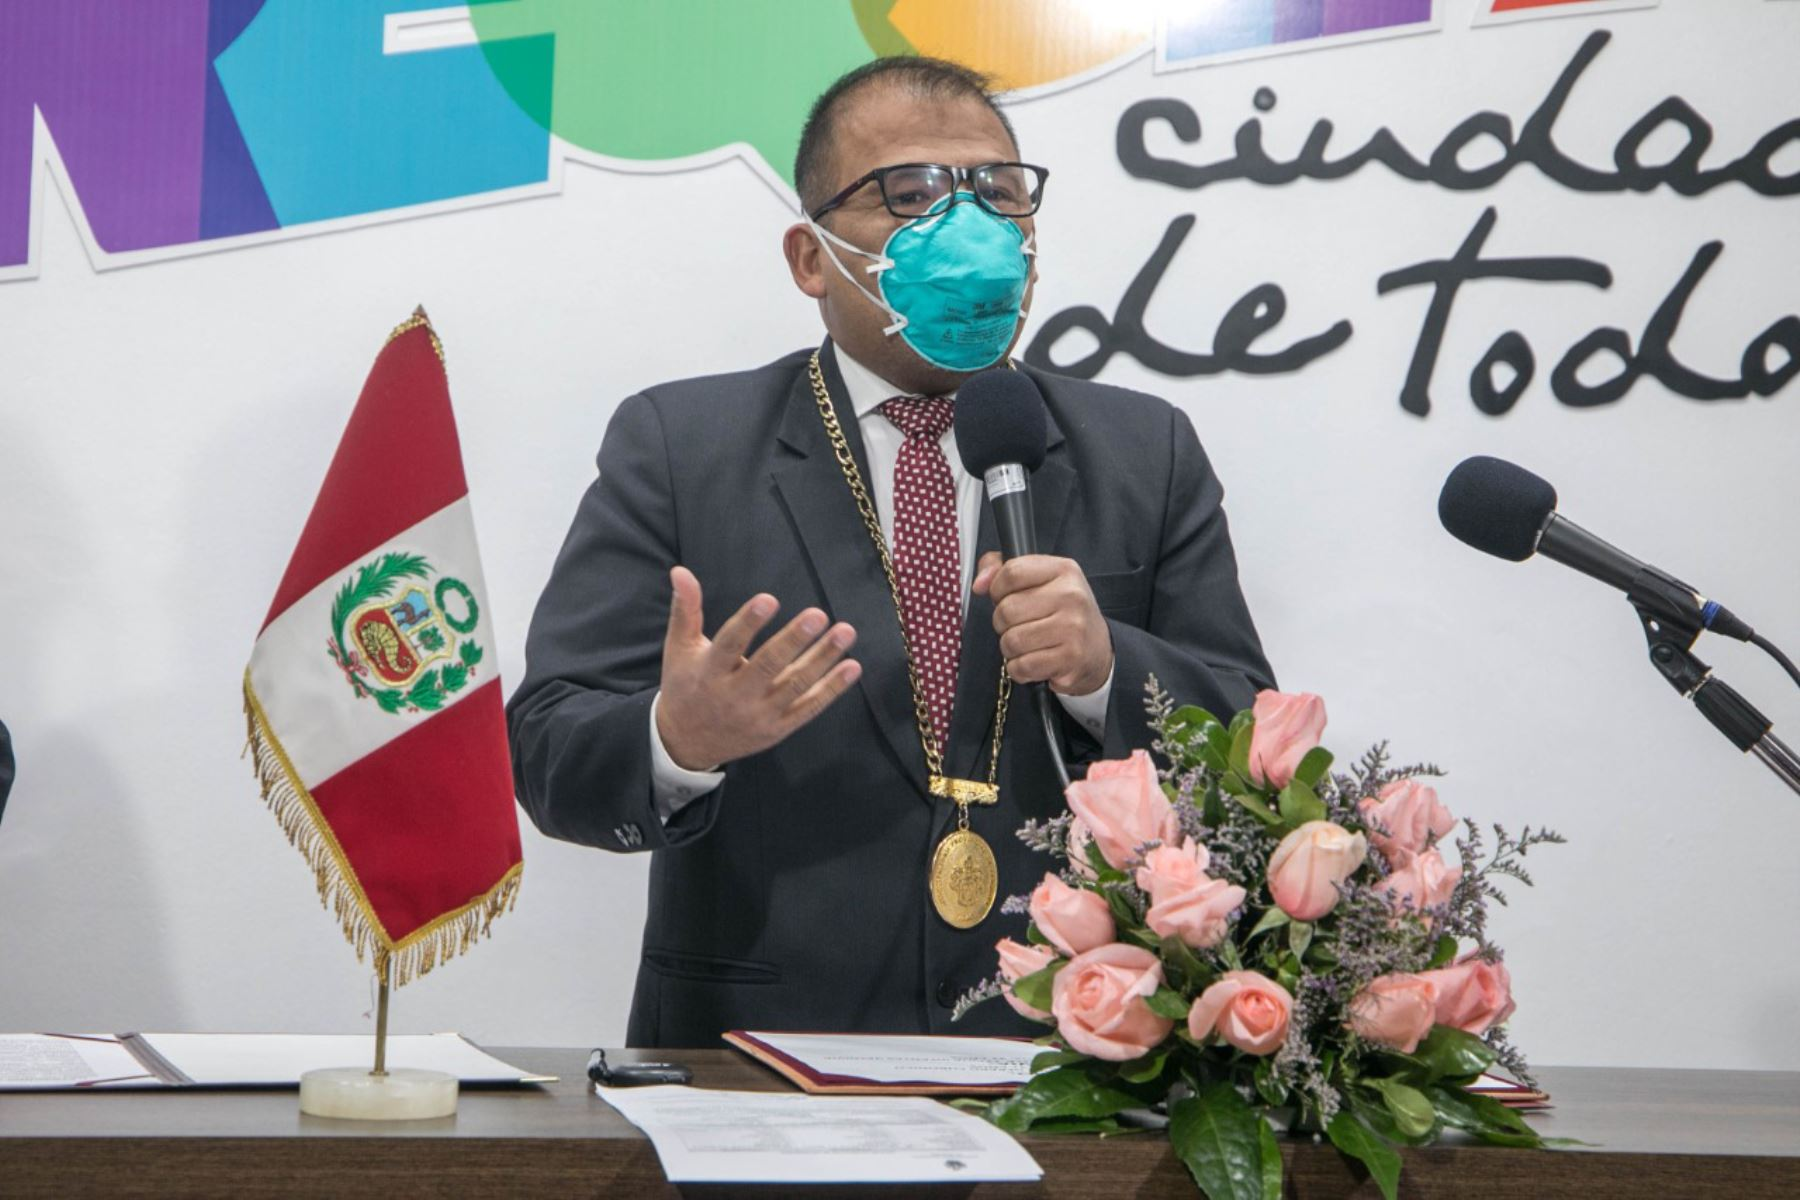 Alcalde provincial de Arequipa, Omar Candia, dio positivo al covid-19. Ahora cumple aislamiento domiciliario, se encuentra estable y recibe atención médica.  ANDINA/Difusión